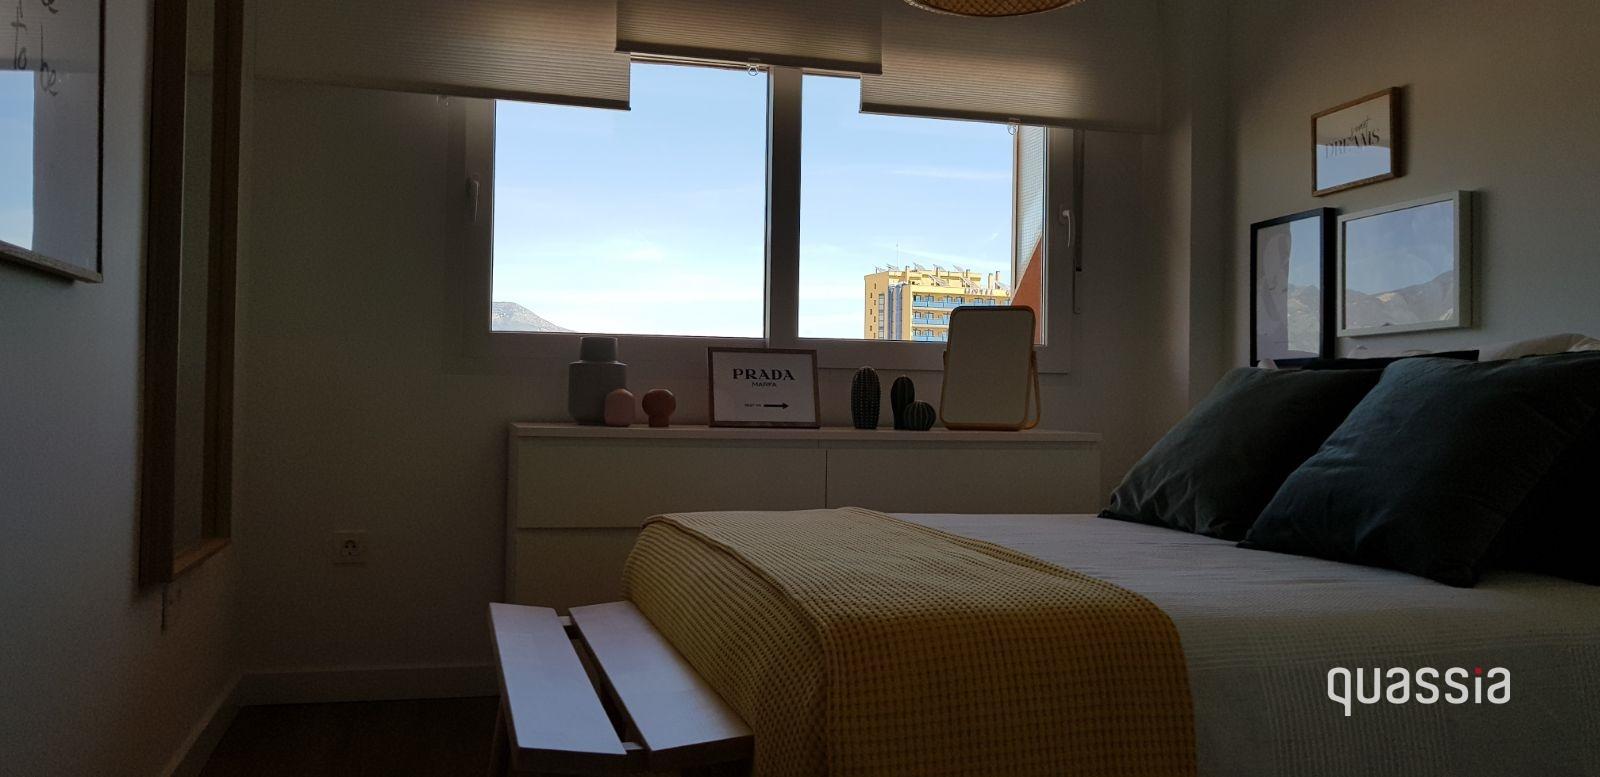 Reforma apartamento Fuengirola por Quassia (17)